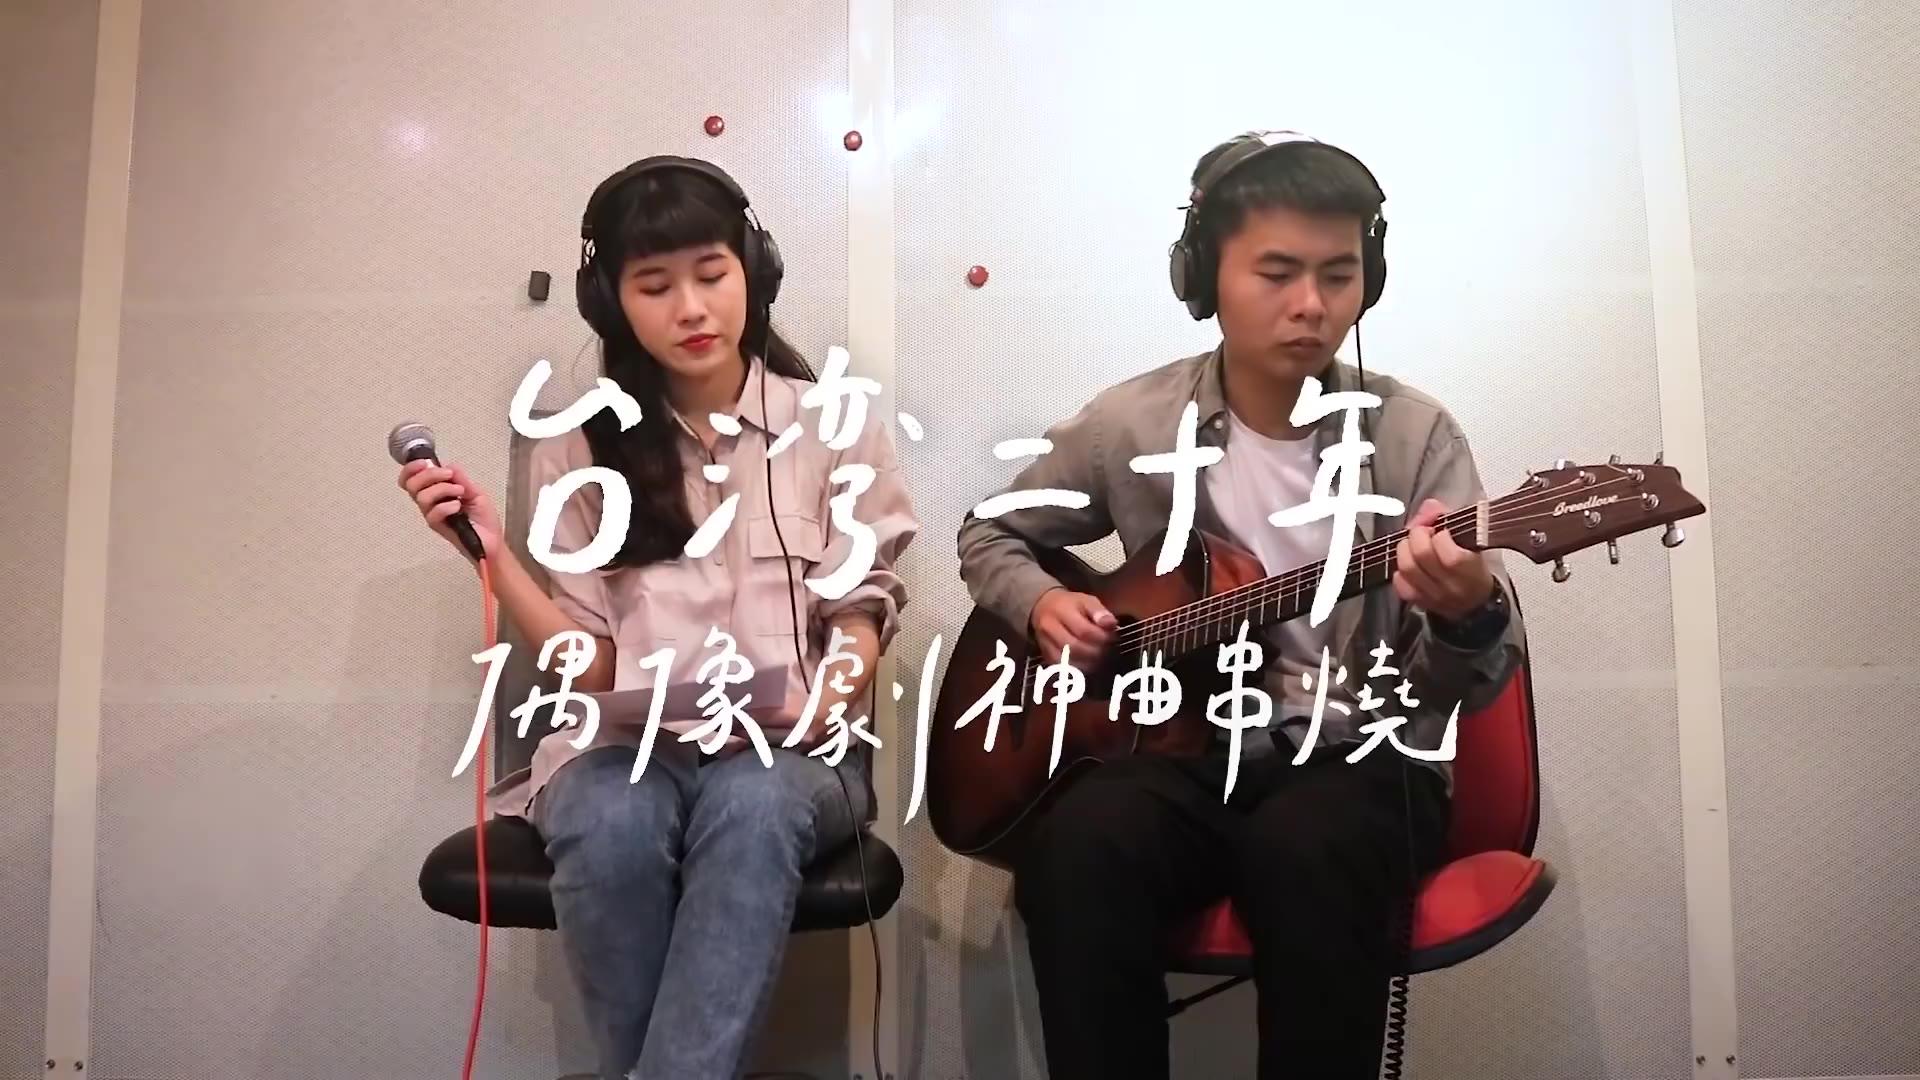 台湾二十年偶像剧神曲串烧